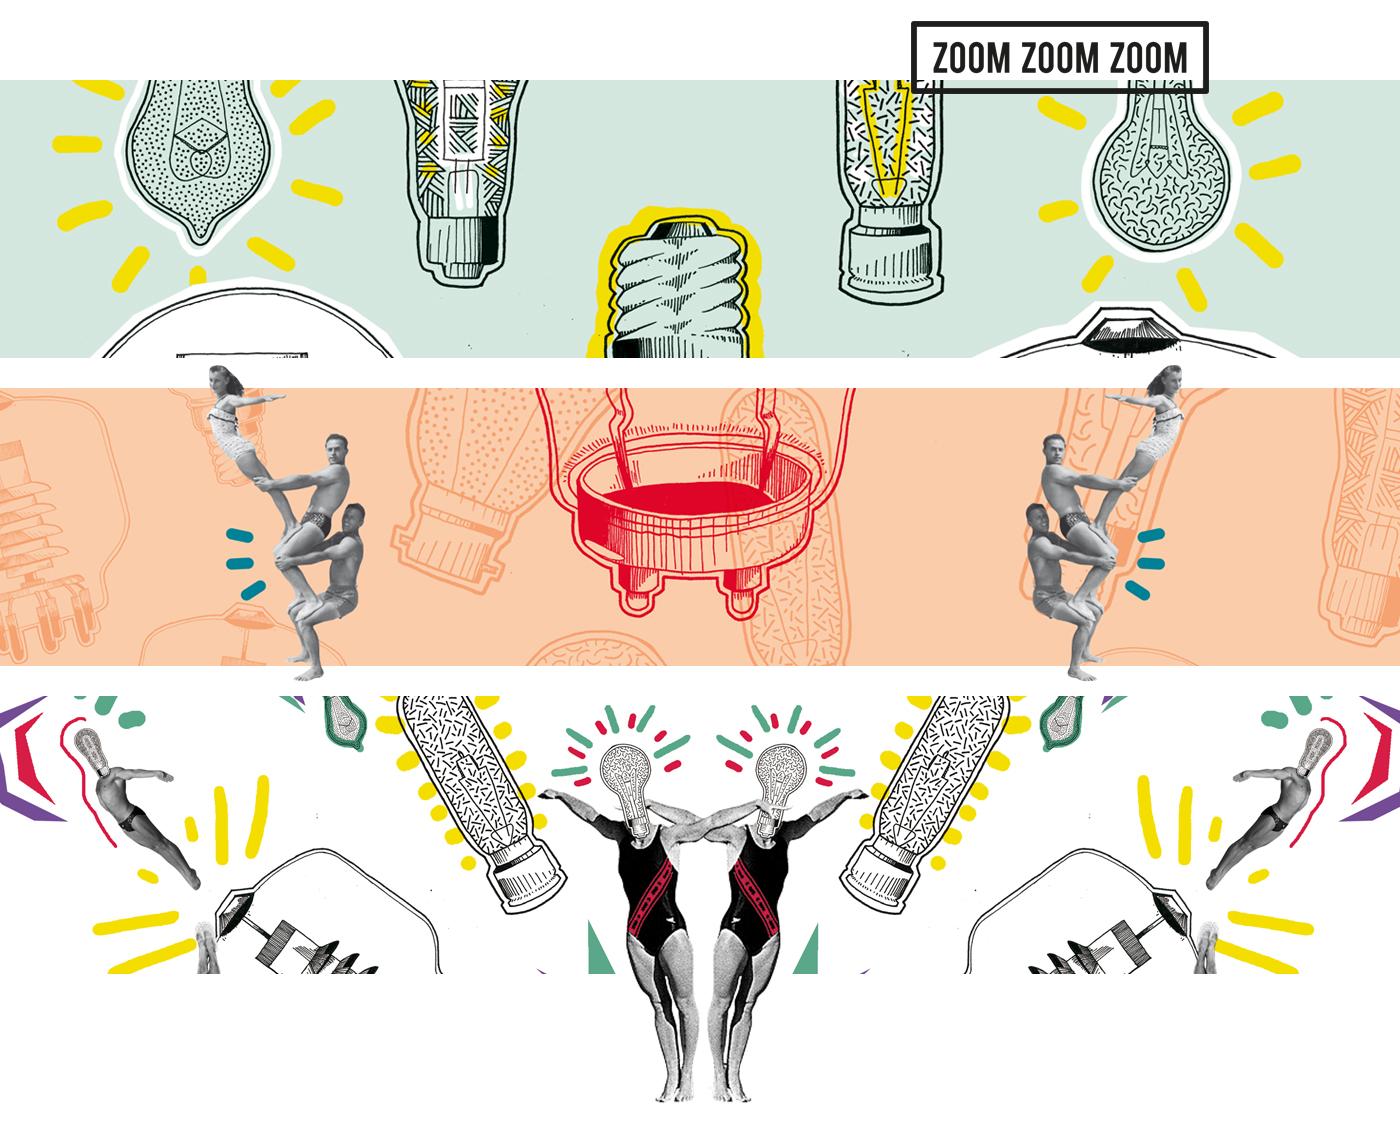 Zoom sur l'aperçu des créations visuelles pour l'affiche IDJ. Ampoules, gymnastique, couleurs...